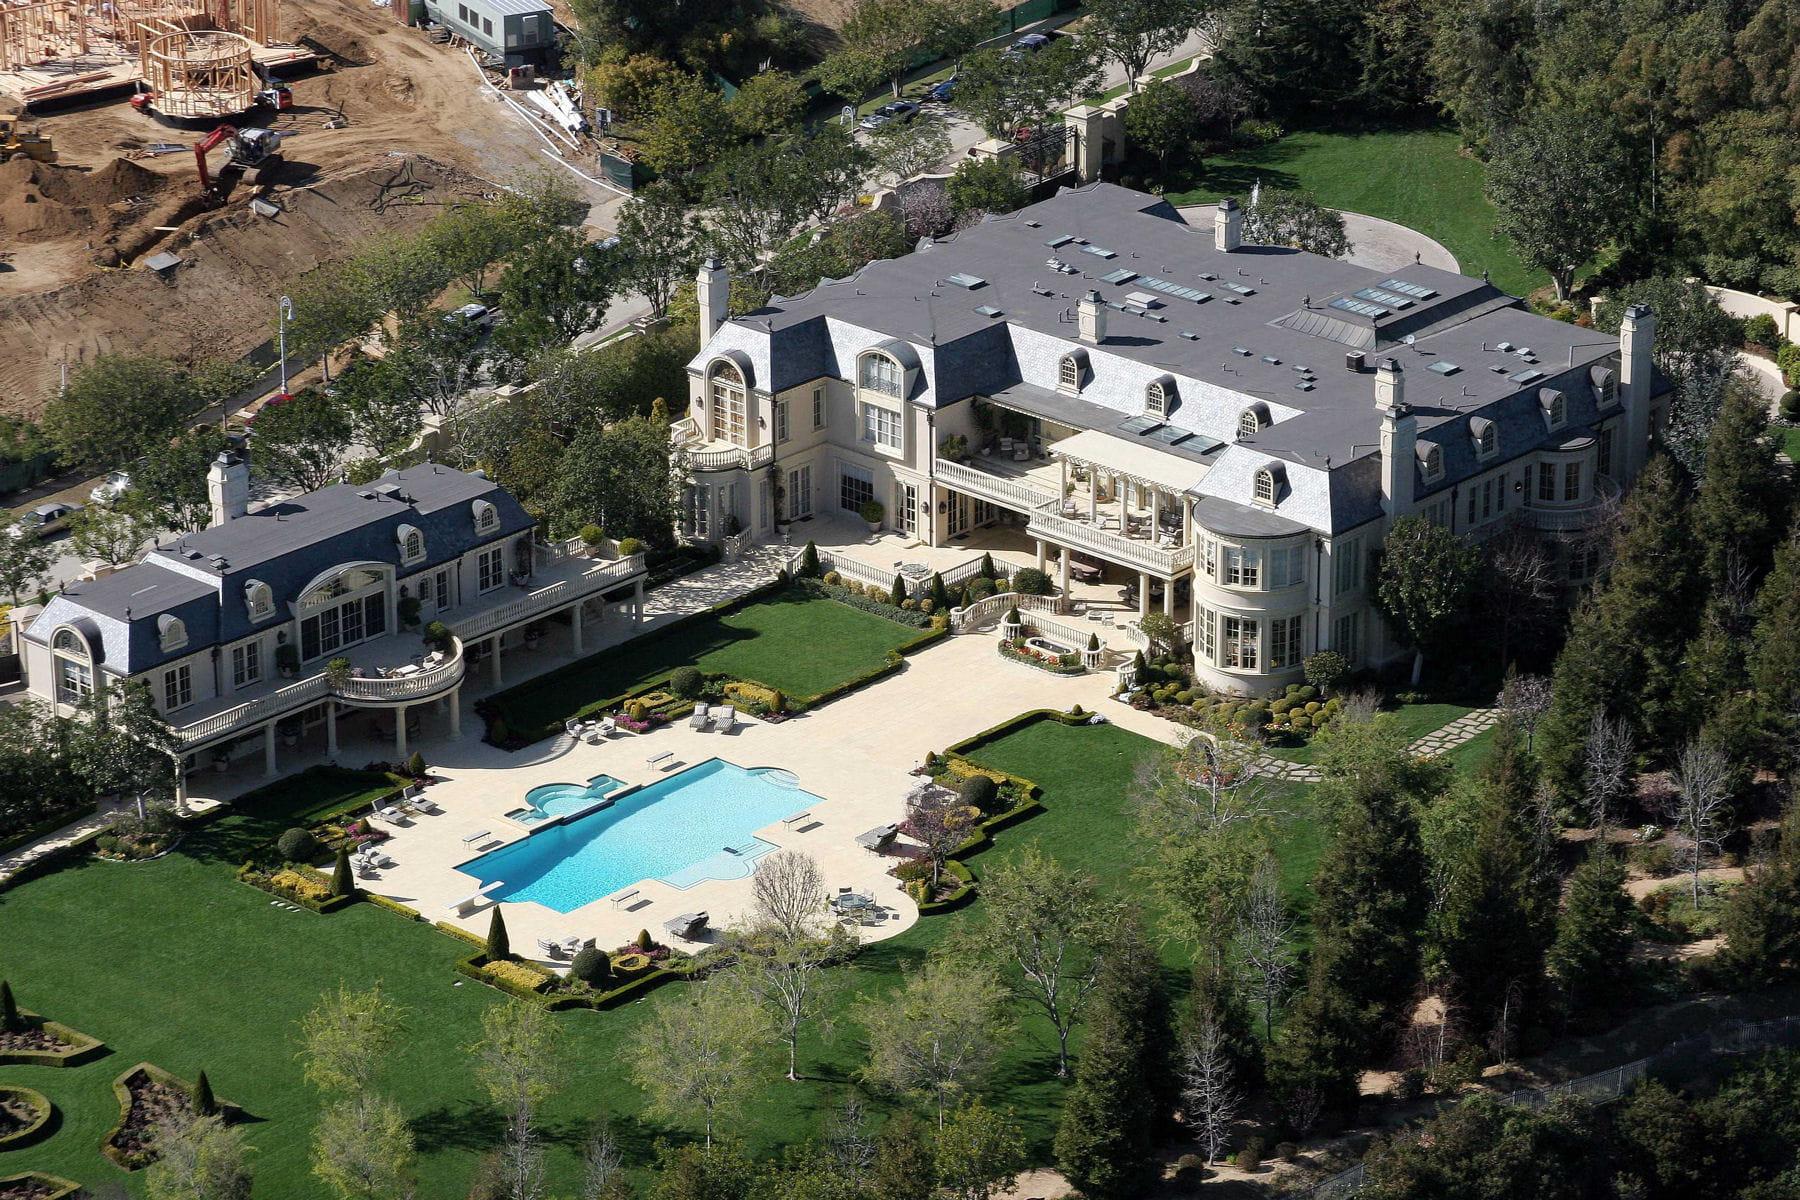 La villa la fran aise de denzel washington les maisons de stars dans lesquelles on aimerait - Maison de star francaise ...